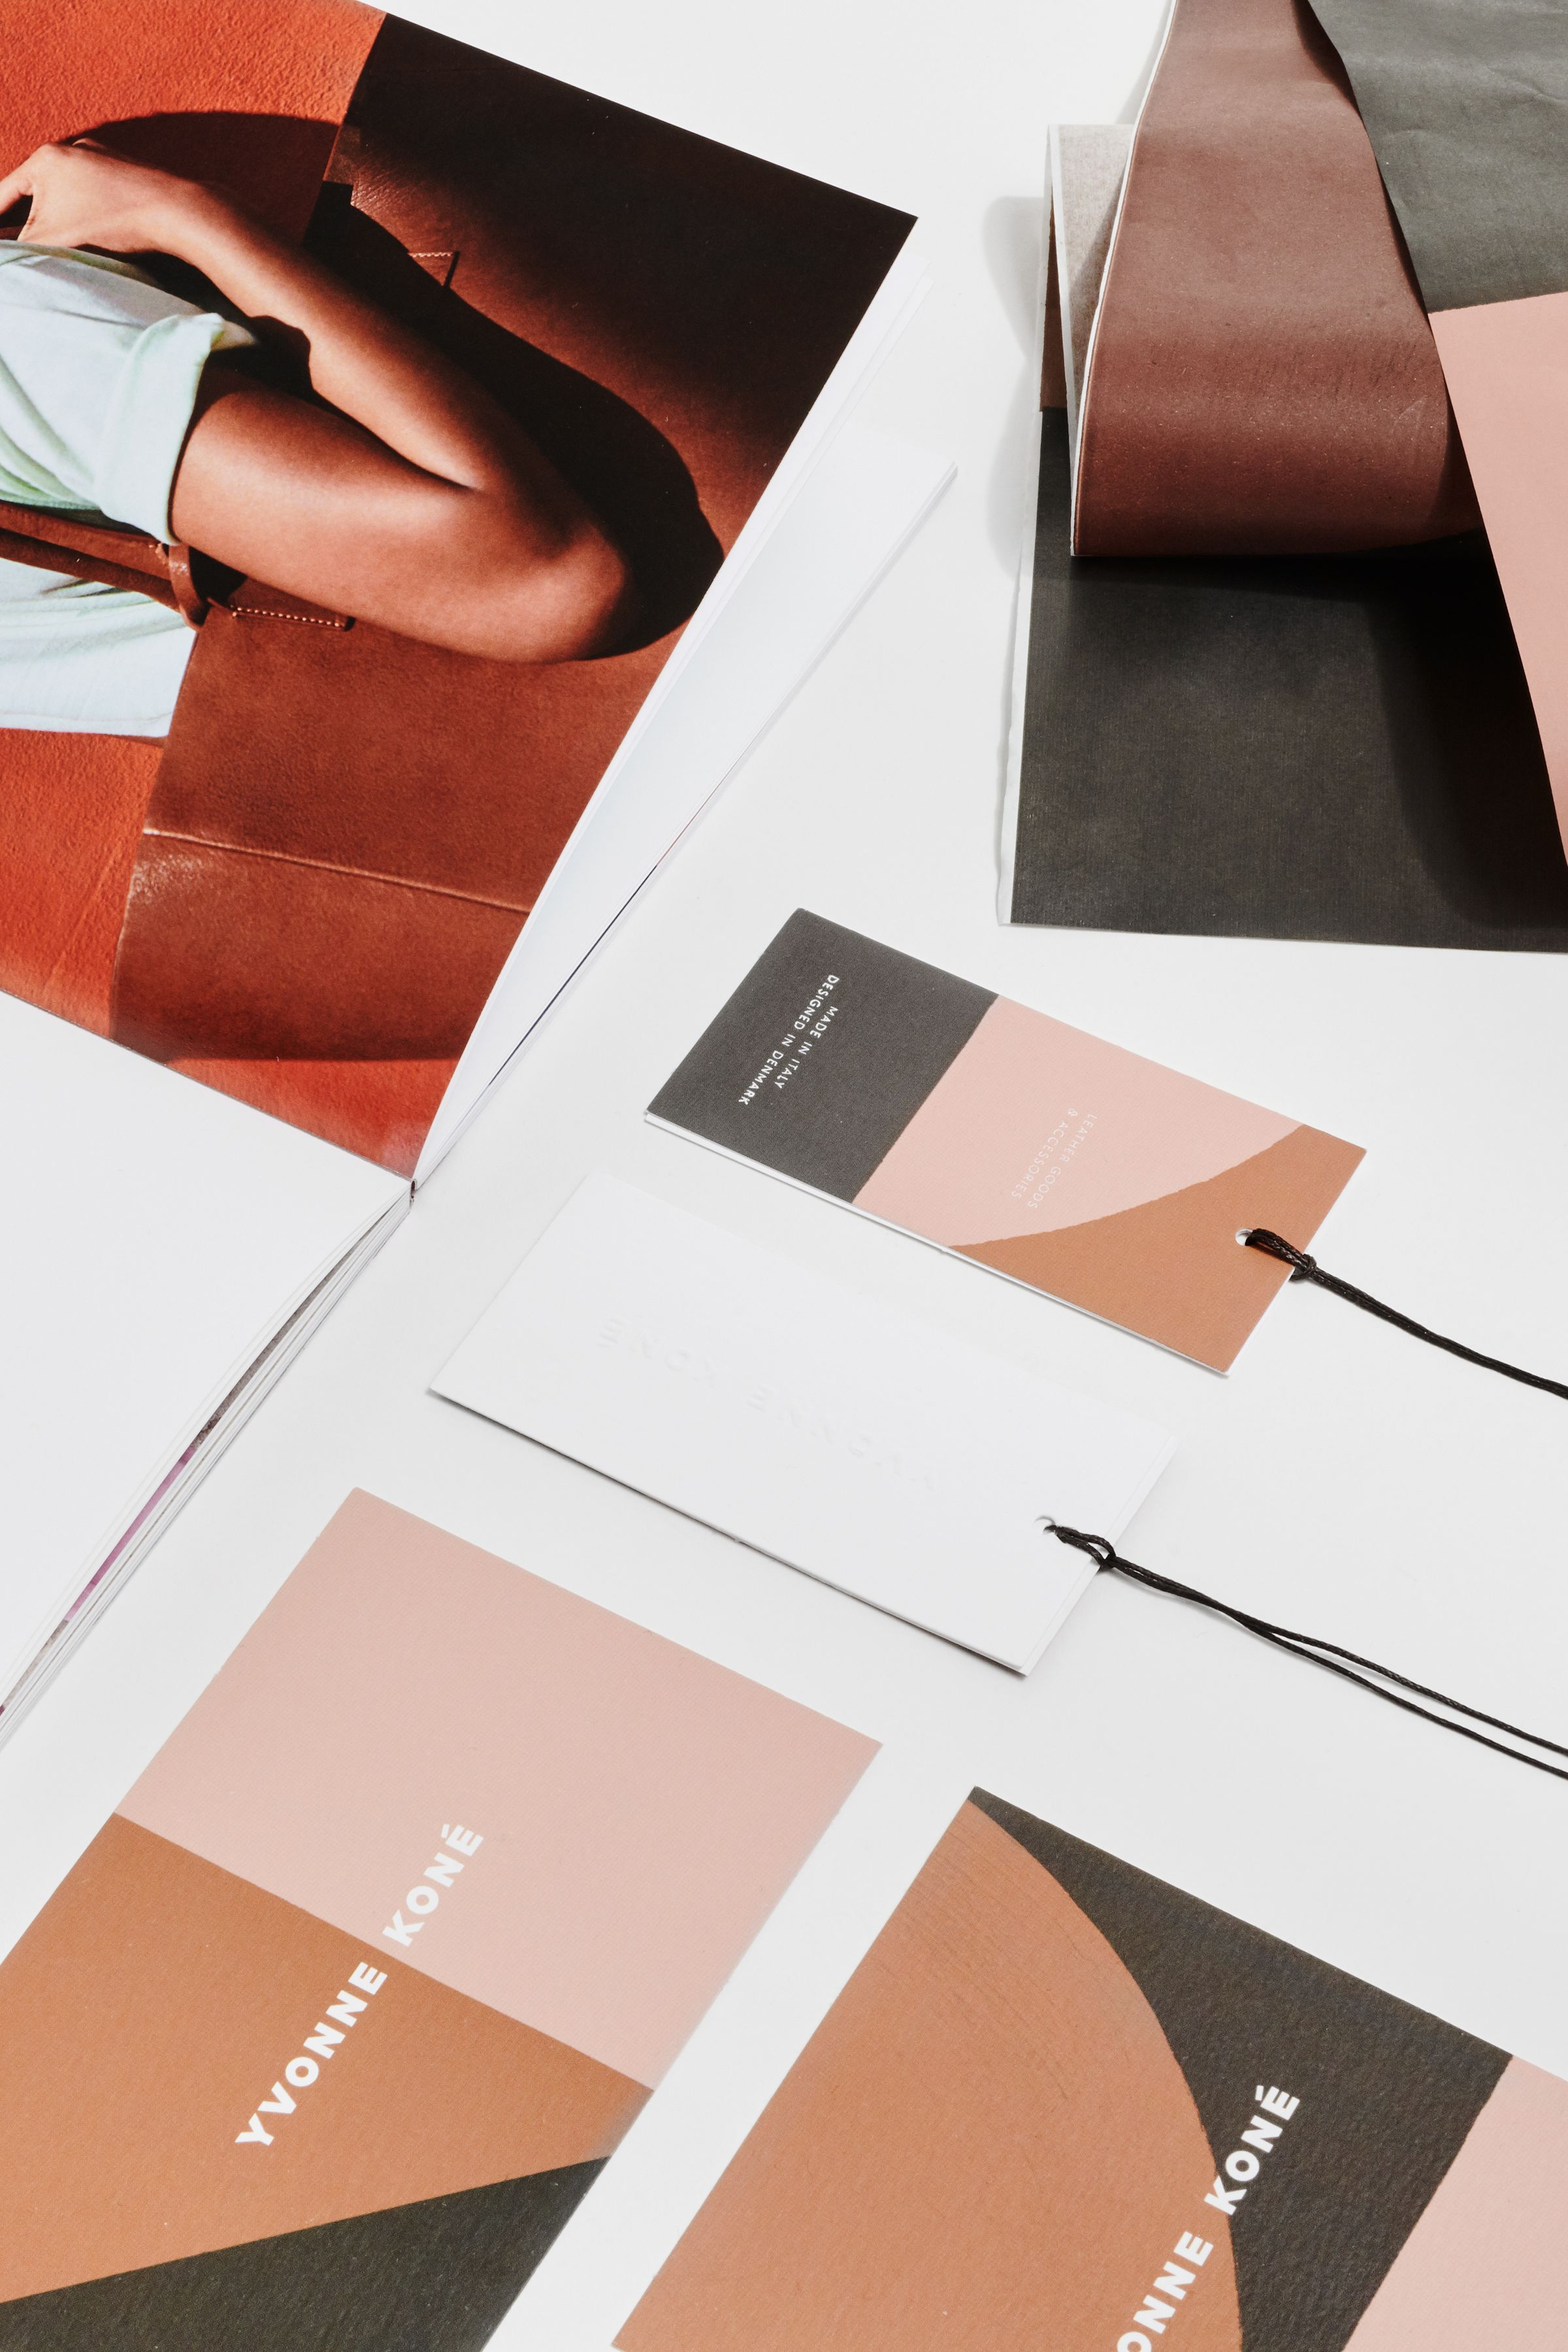 Yvonne Koné catalog and tag design